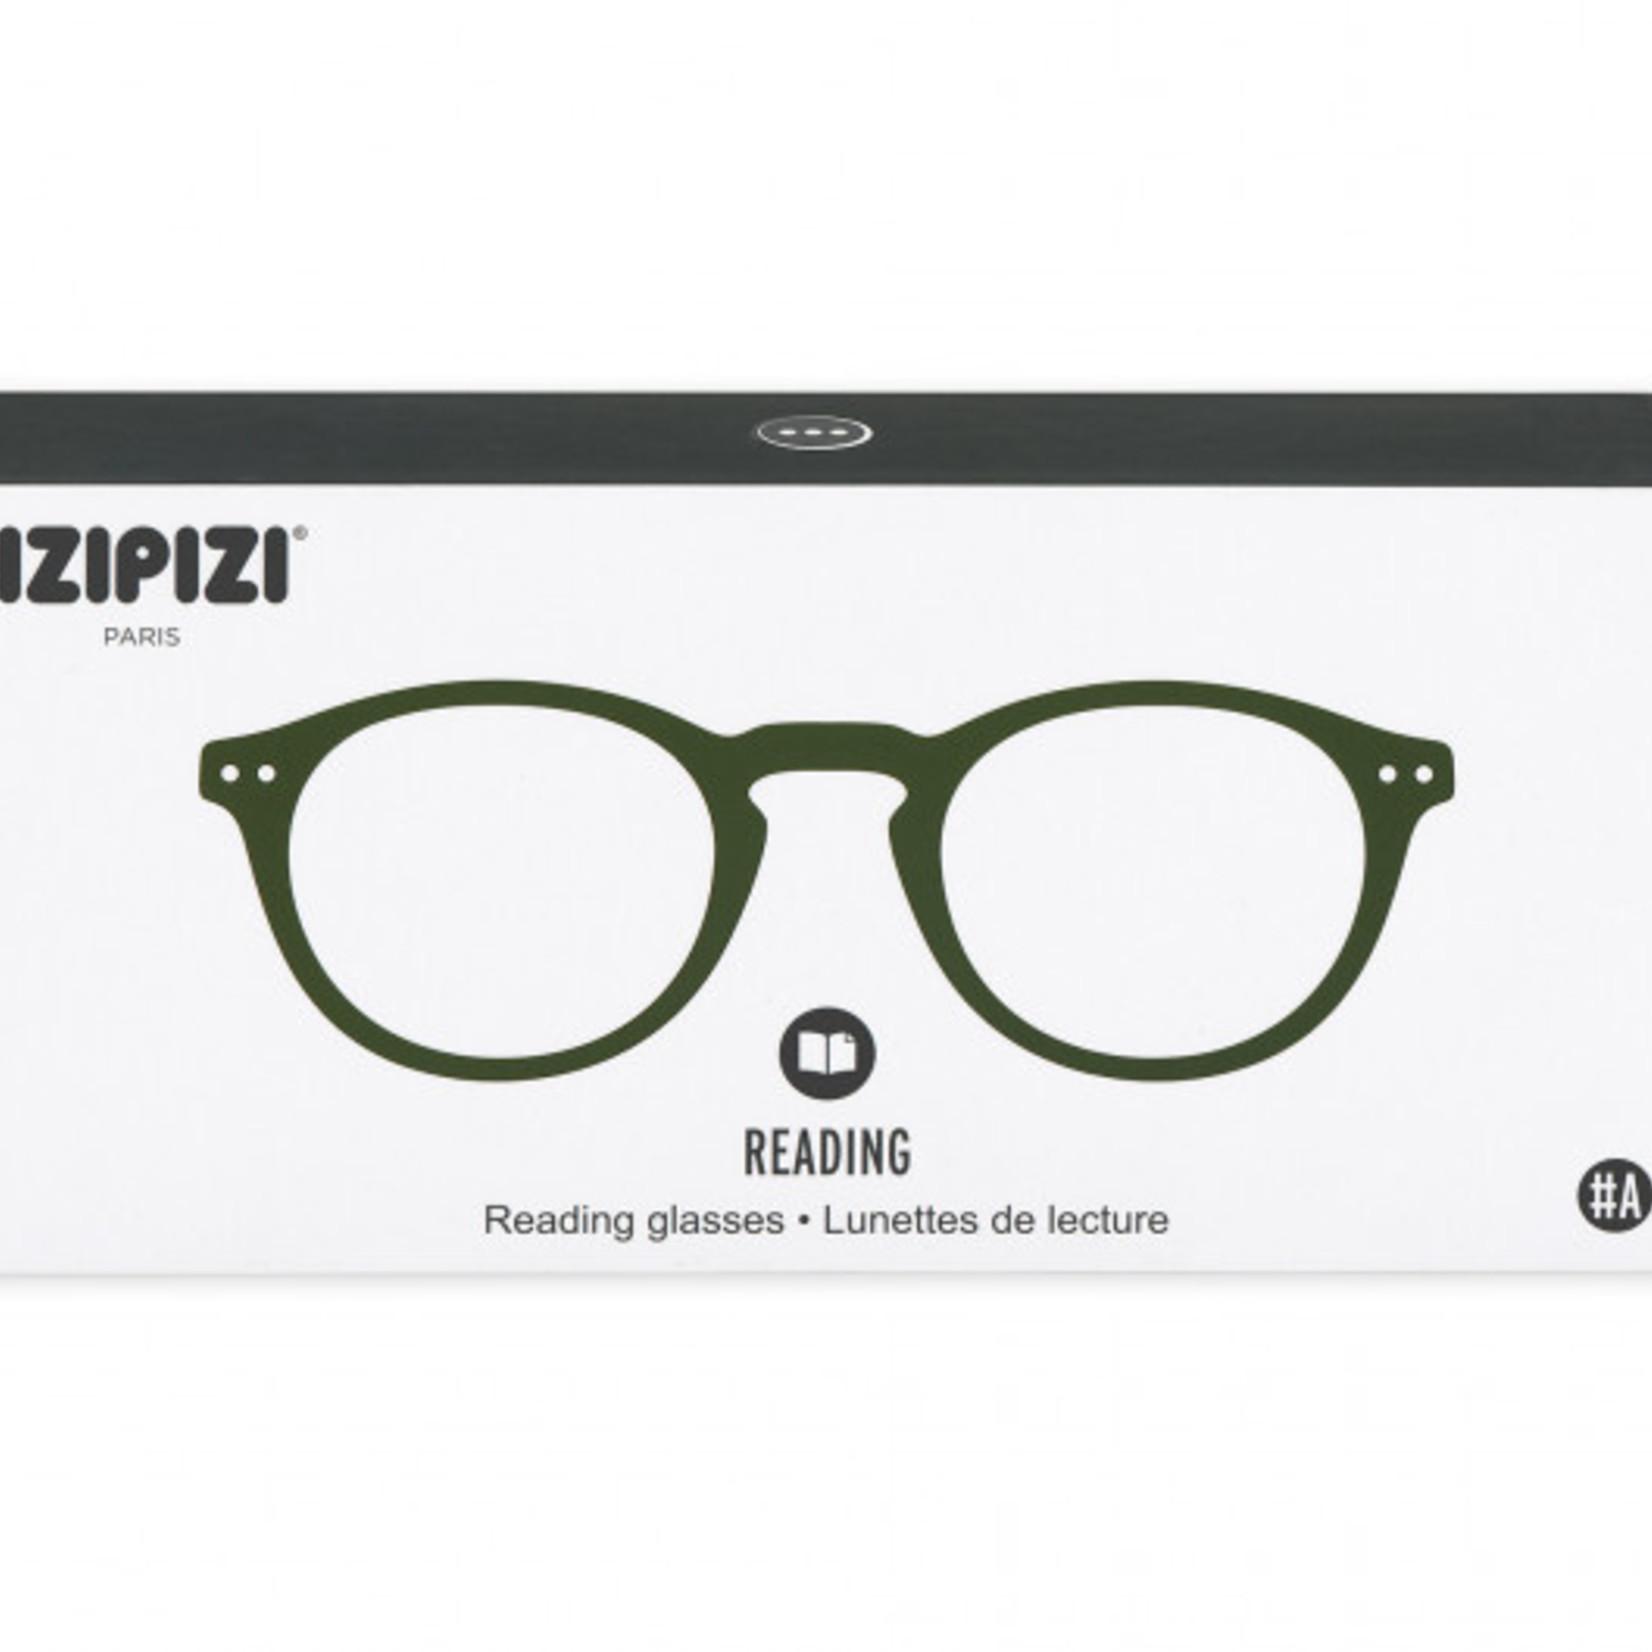 IZIPIZI IZIPIZI Reader A Discrete Khaki Green